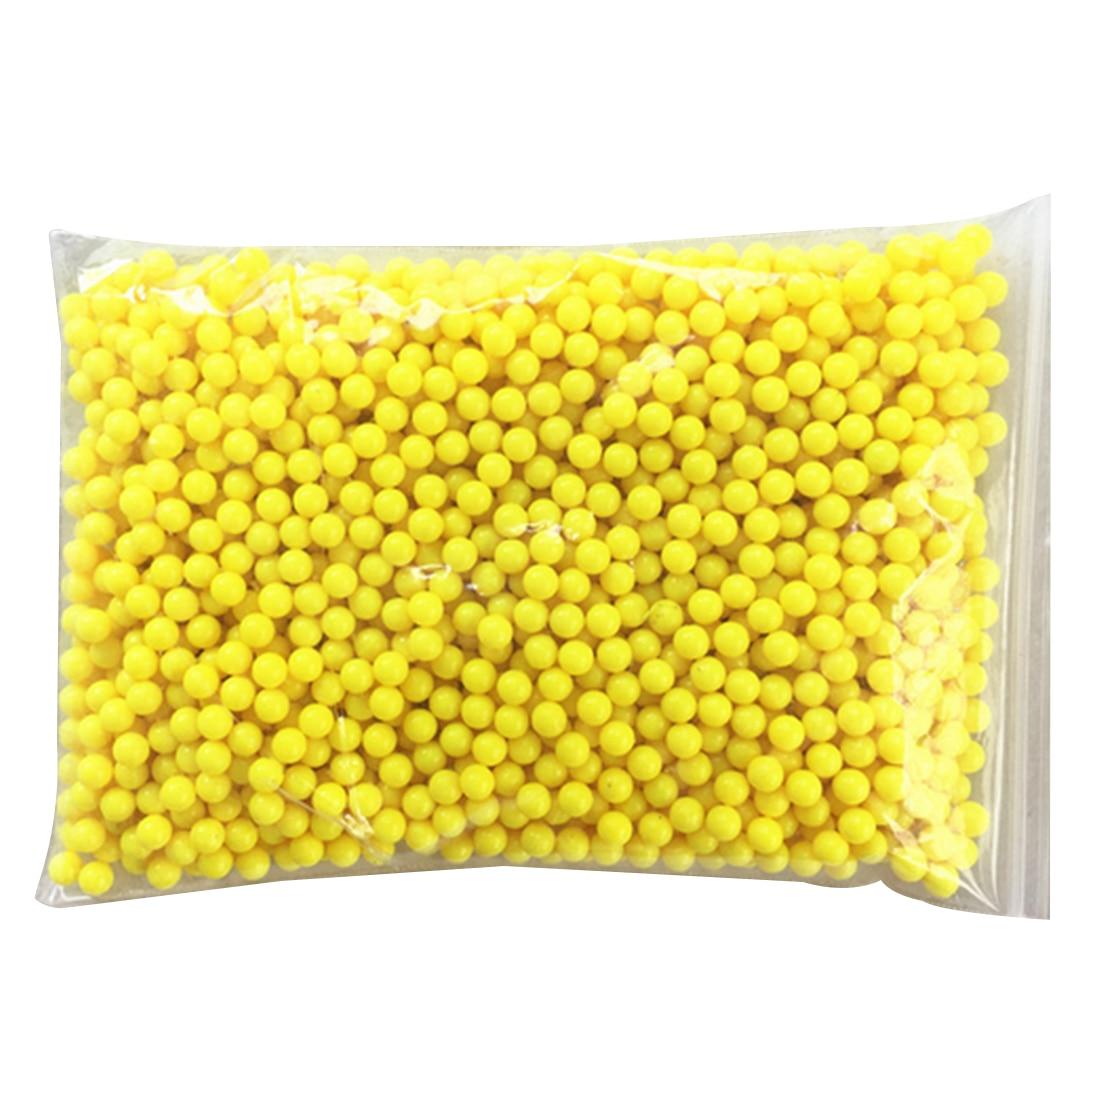 NFSTRIKE 2000 pcs En Plastique 6mm Forme De Boule En Plastique BB Balles Pour Fusils Jouets Pistolet Pneumatique Arme Pour Le Tir Extérieur -jaune